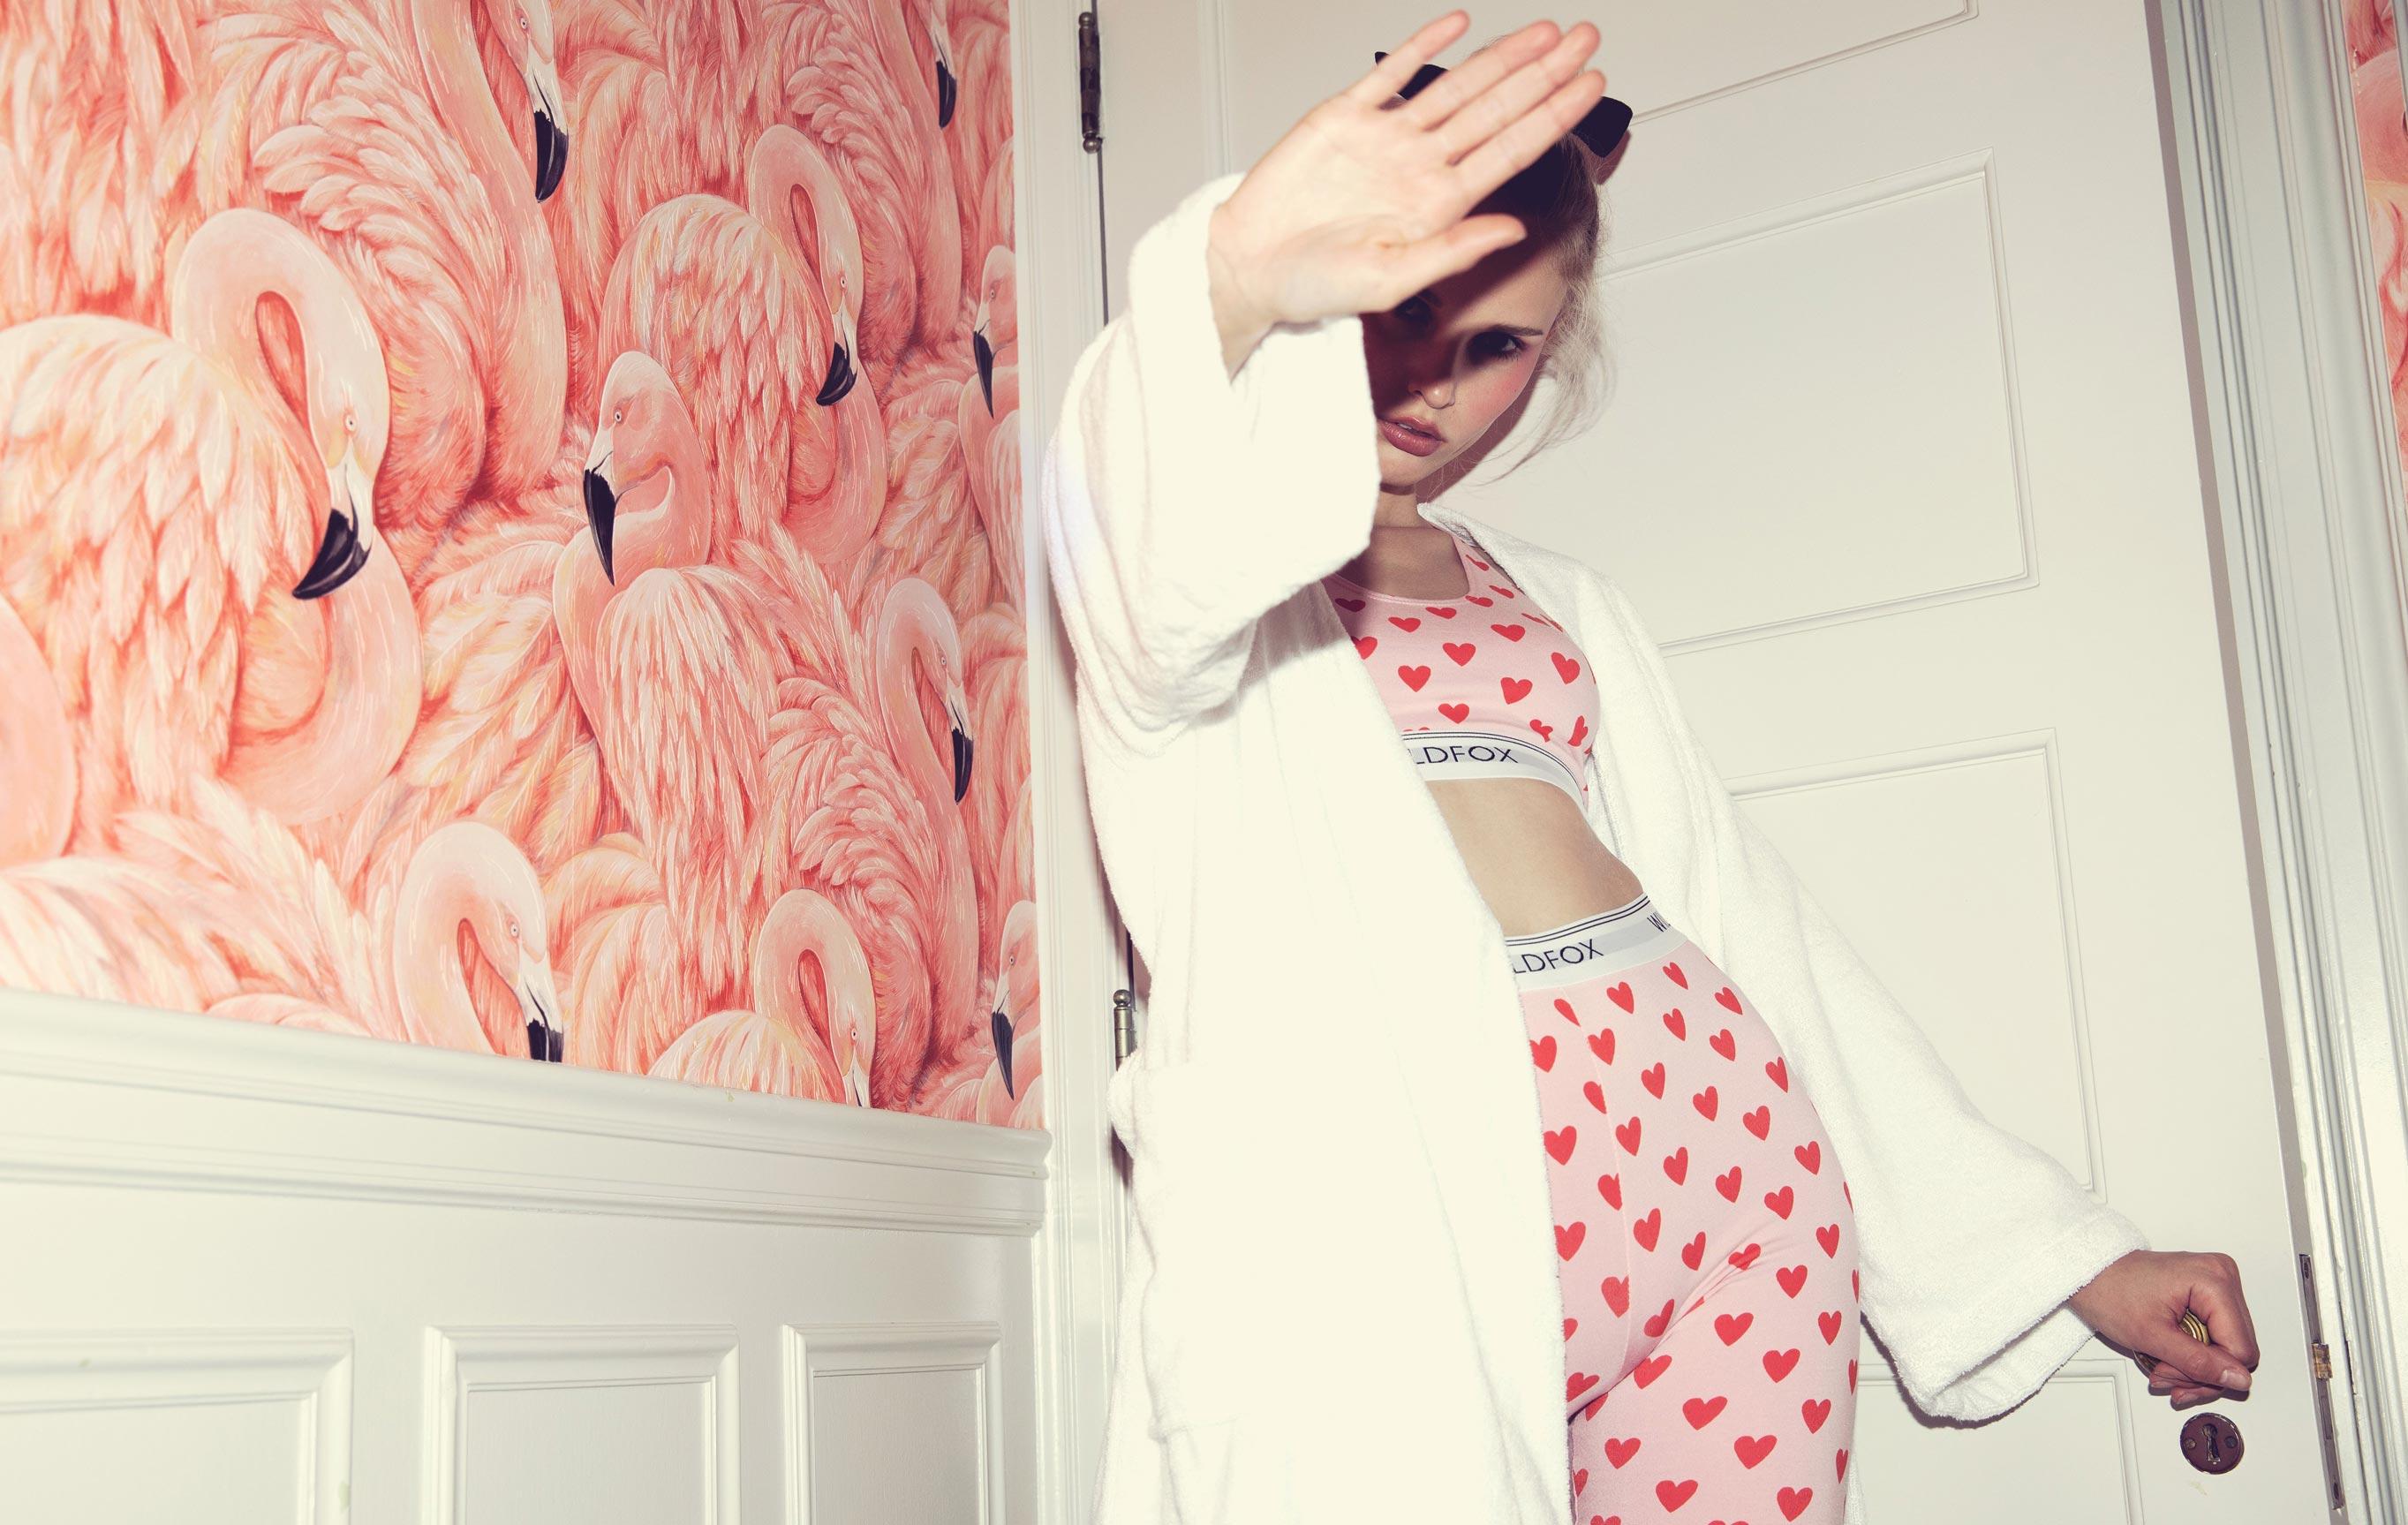 Арина Лаш в одежде модного бренда Wildfox, коллекция для отпуска / фото 01